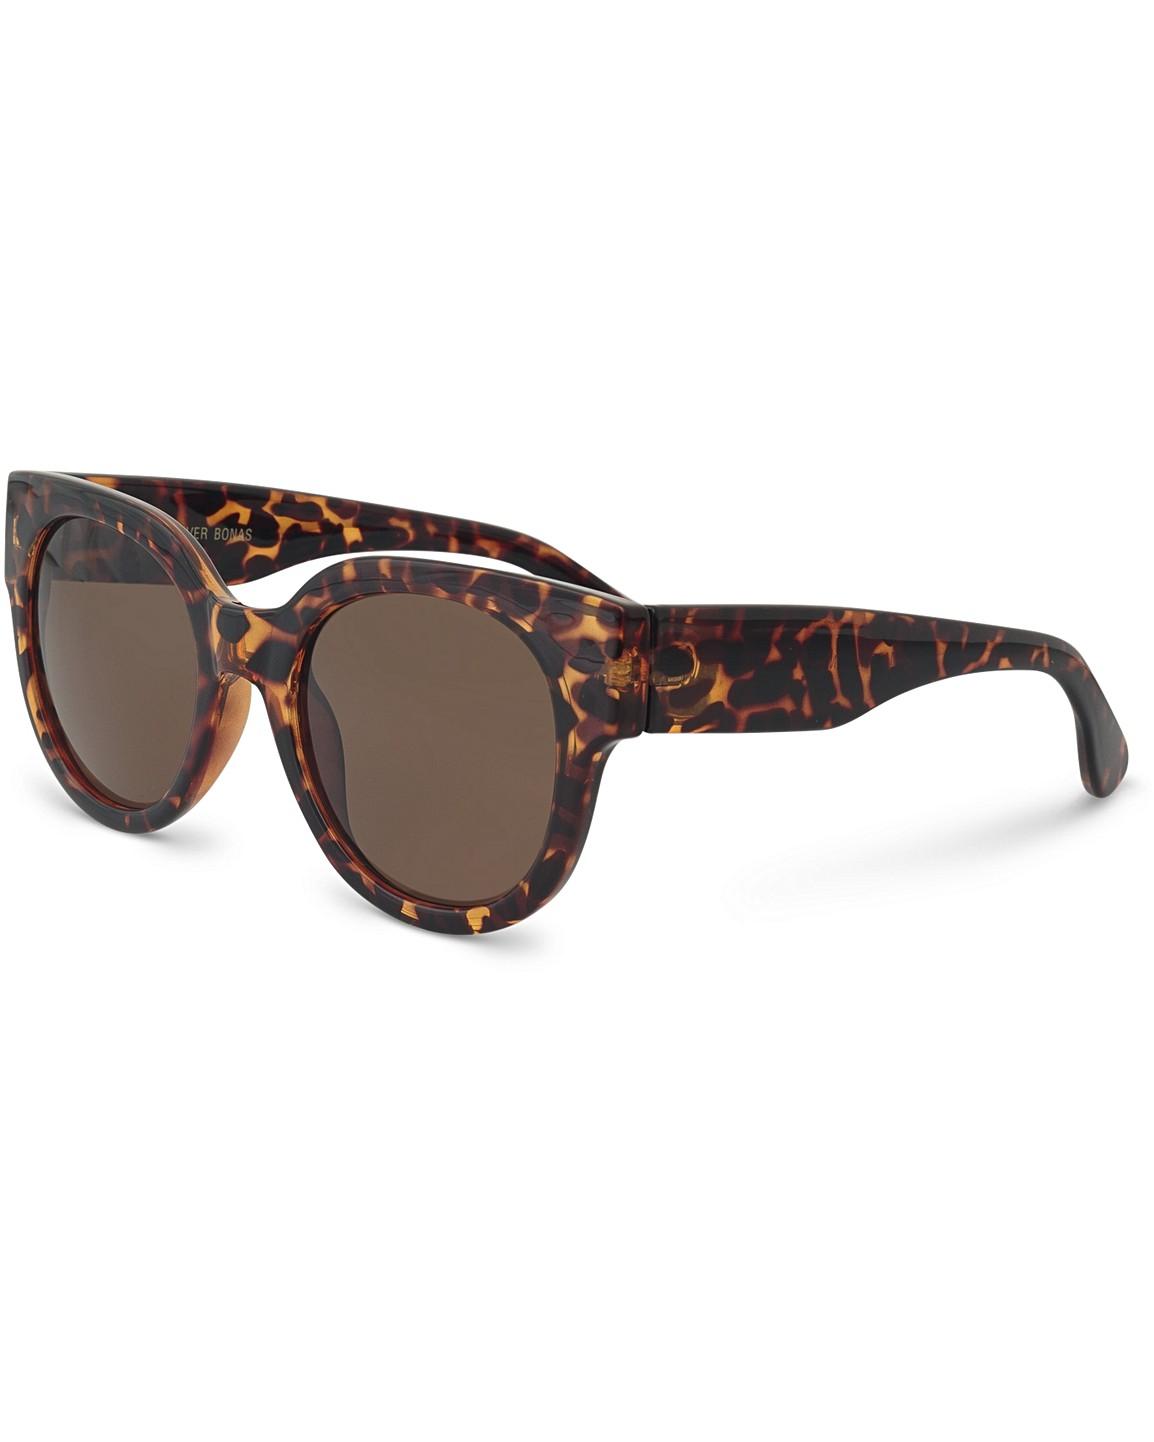 acd962dd61 Preppy Round Tortoiseshell Sunglasses